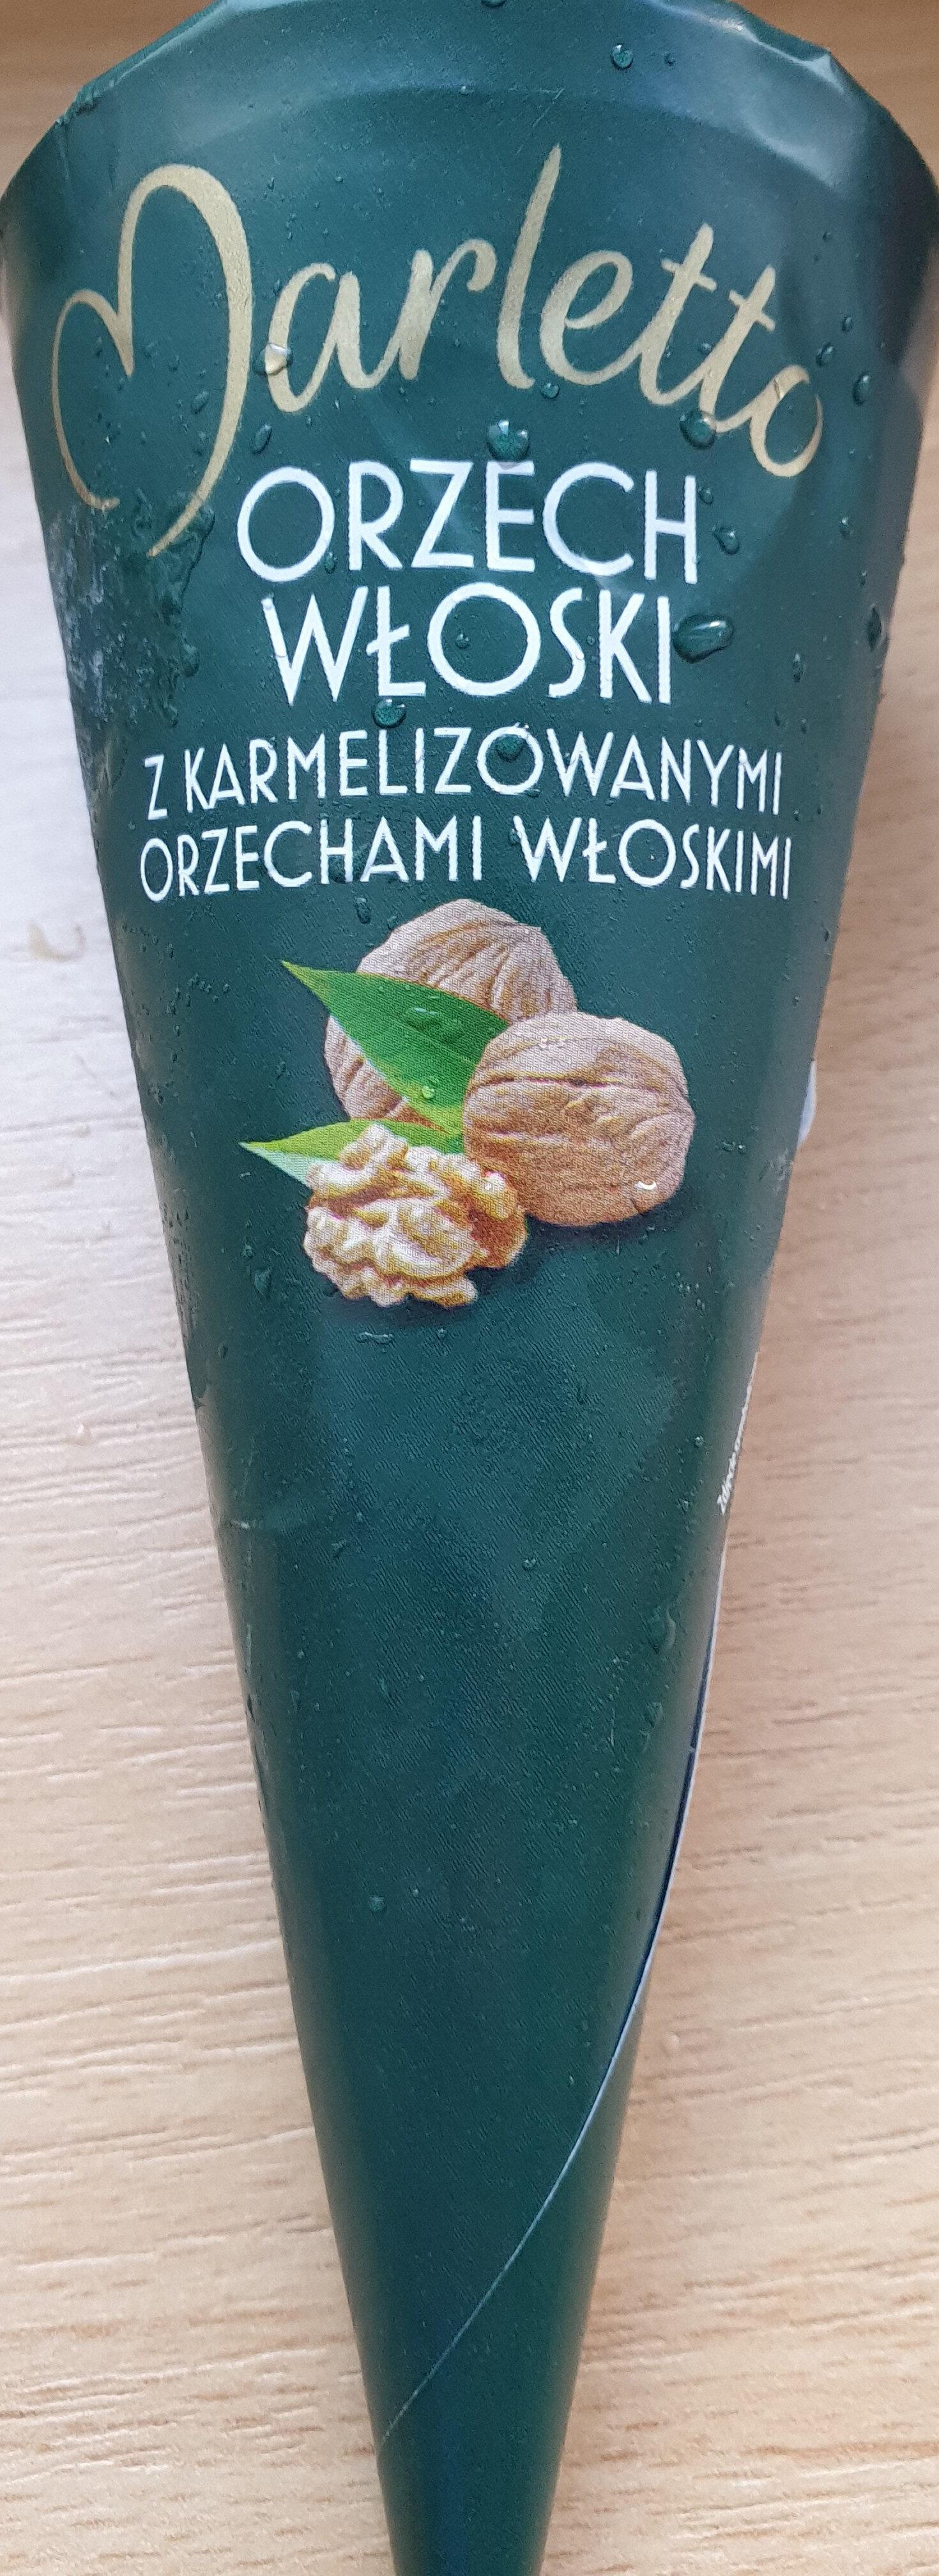 rożek o smaku orzecha włoskiego - Produit - pl